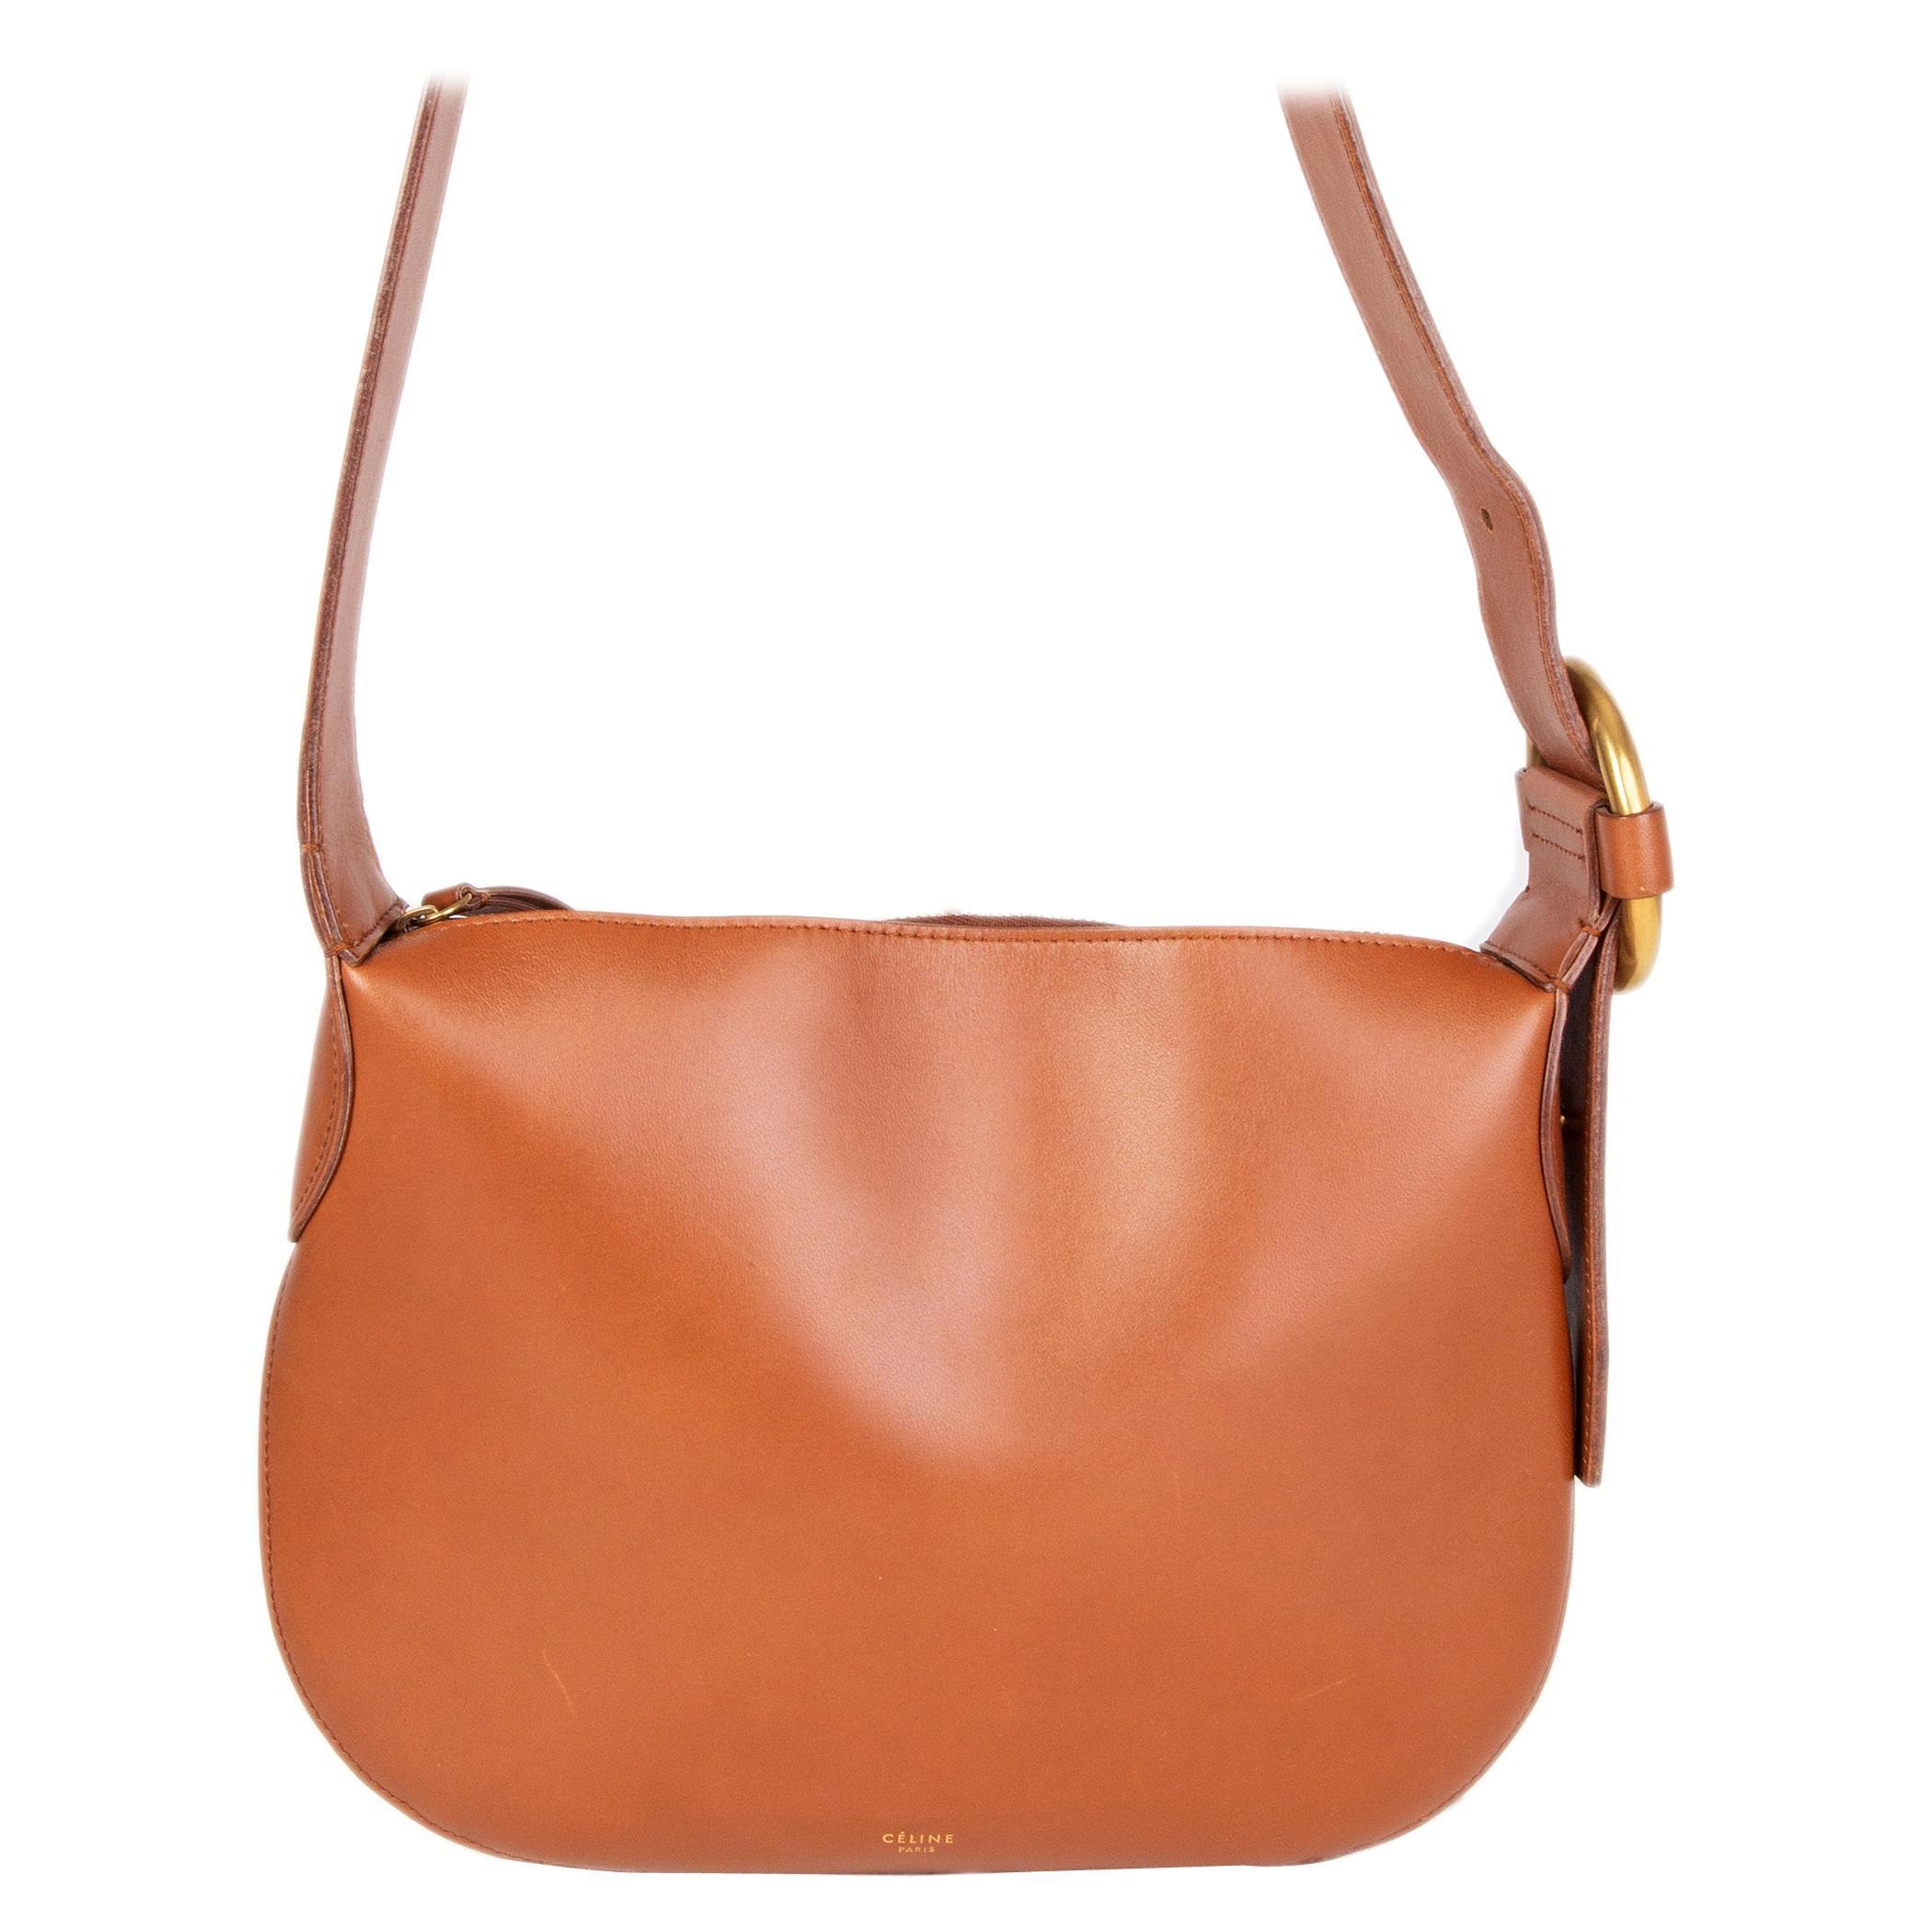 CELINE camel brown leather Shoulder Bag